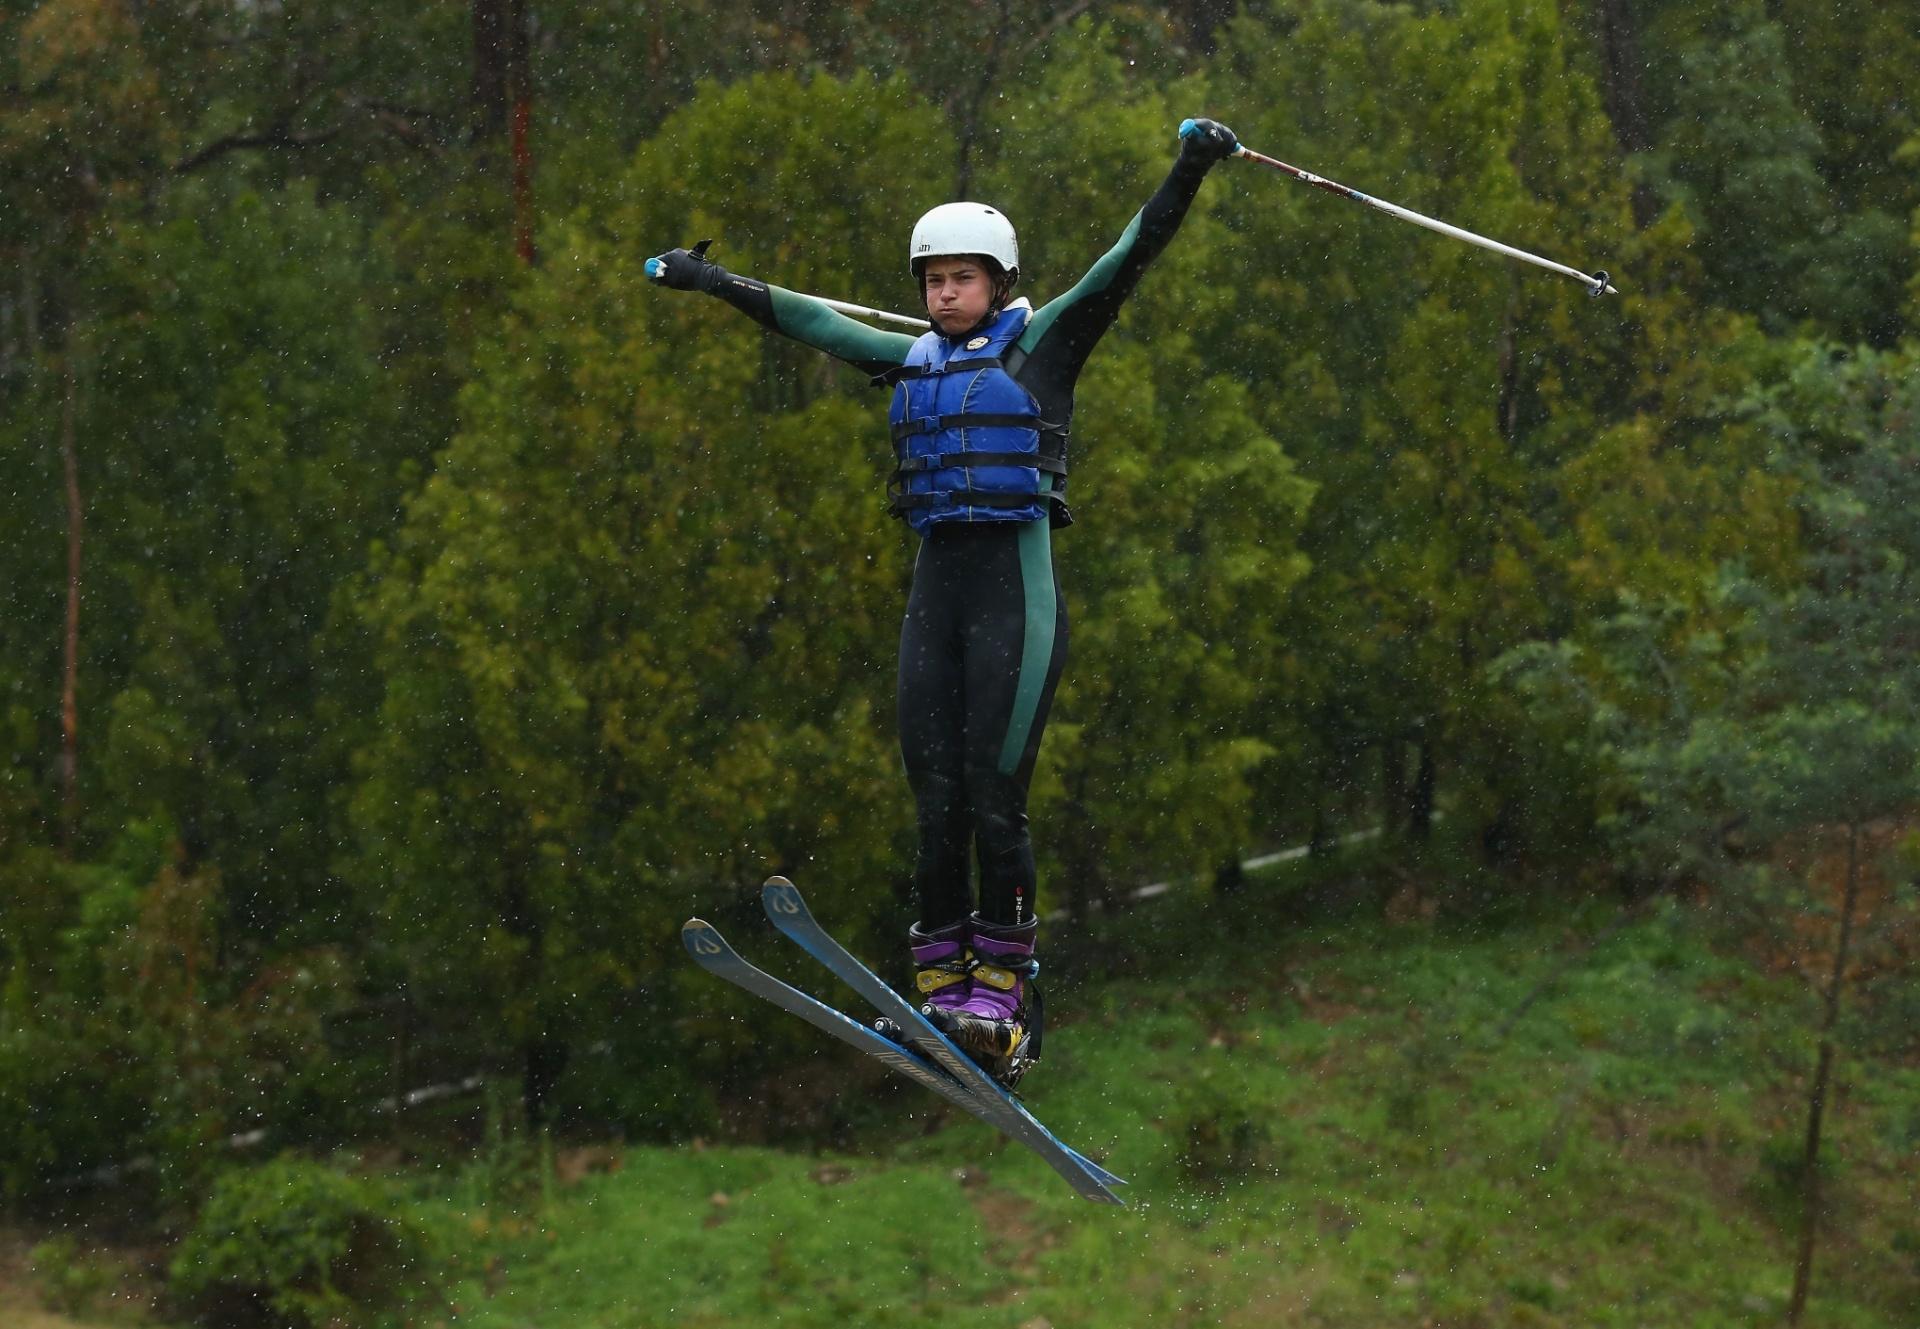 Nicole Parks faz exercício durante treinamento da seleção australiana de Esqui, em um lago de Melbourne; atletas da modalidade Freestyle (Estilo livre) da Austrália se adaptaram ao verão do país e improvisaram equipamentos para simular a neve, como modo de preparação para as Olimpíadas da Inverno na Rússia